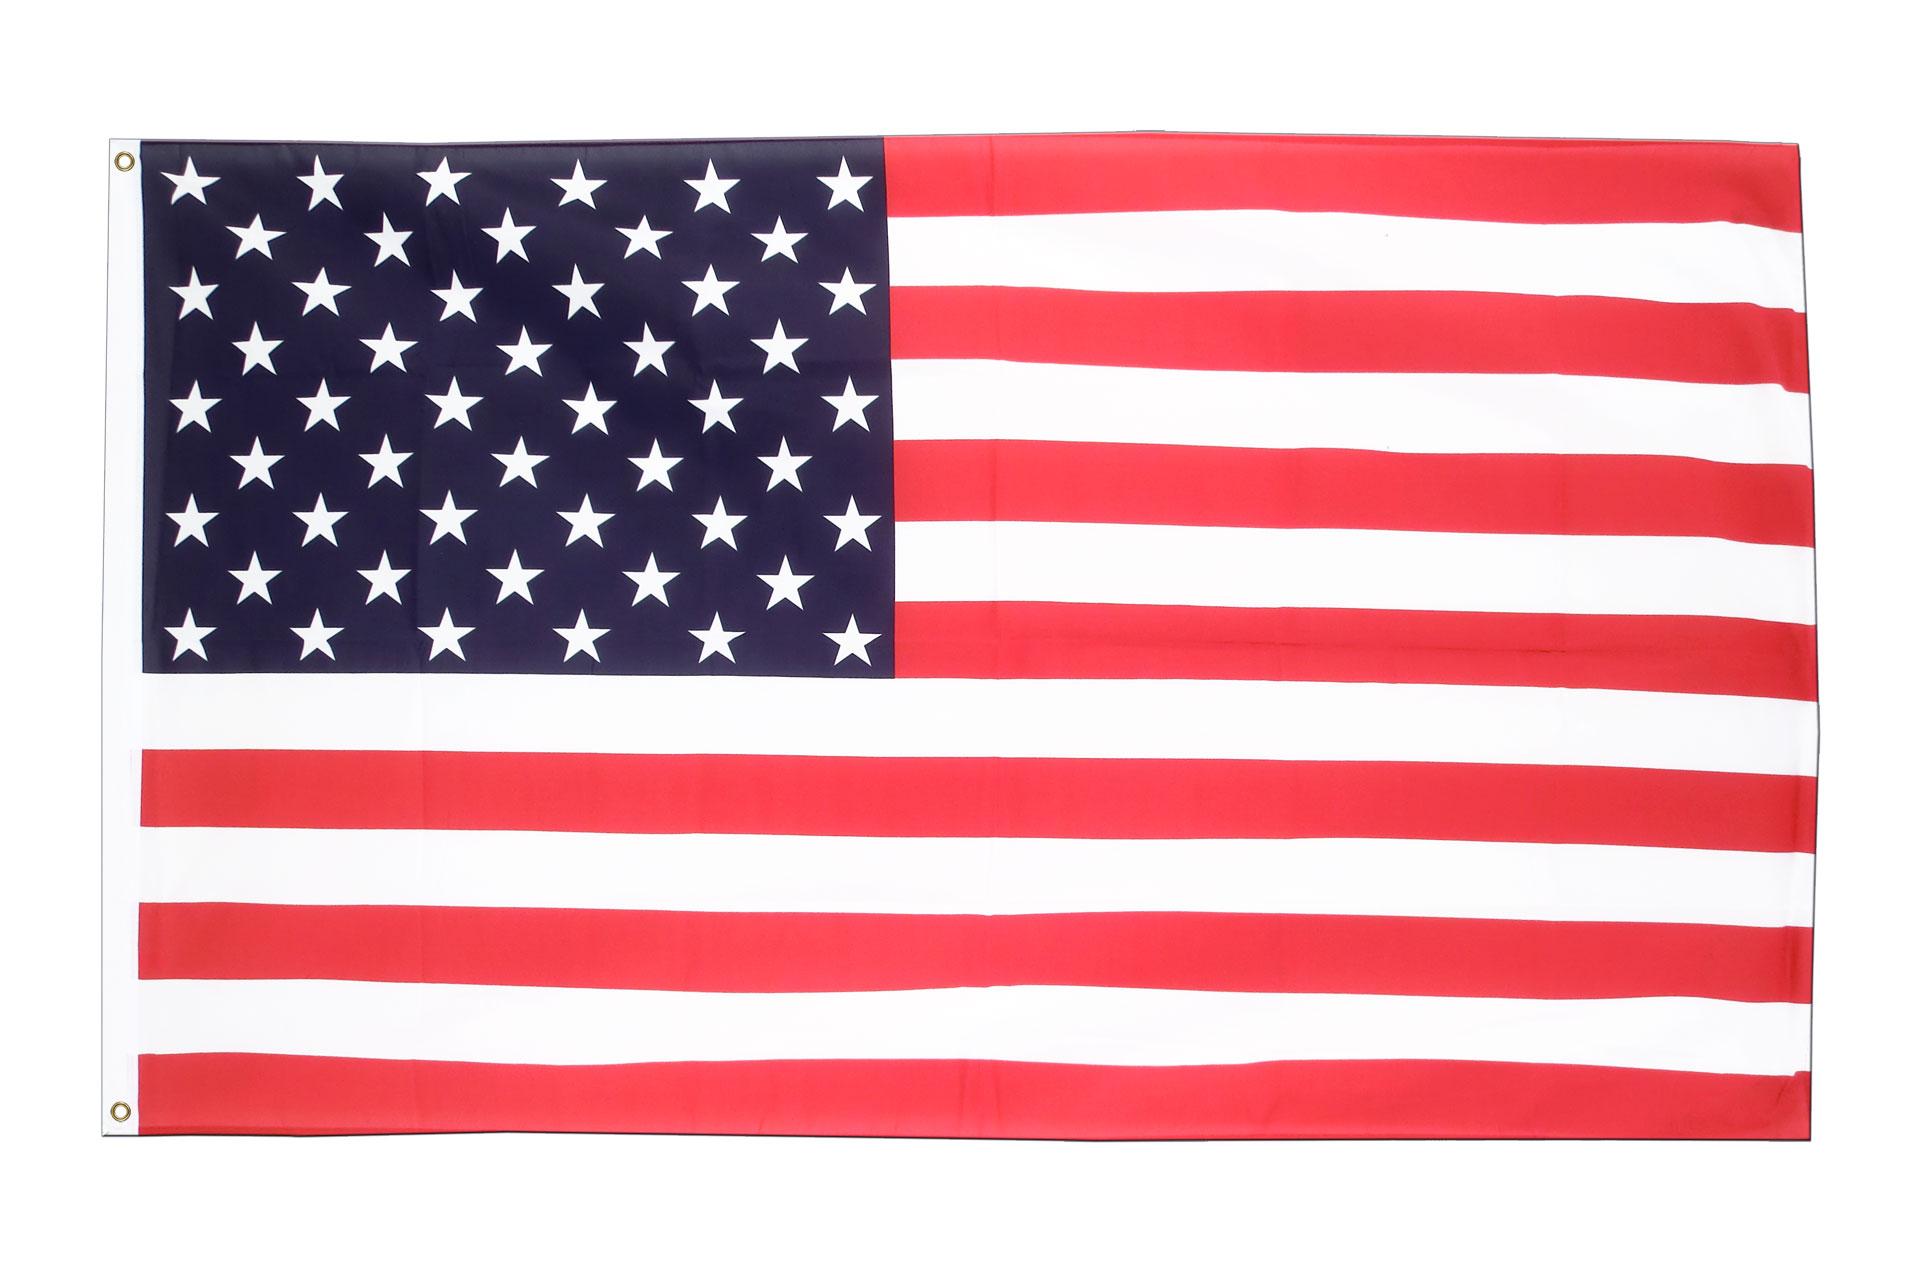 Grand drapeau am ricain 150 x 250 cm m des drapeaux - Drapeau de l amerique ...